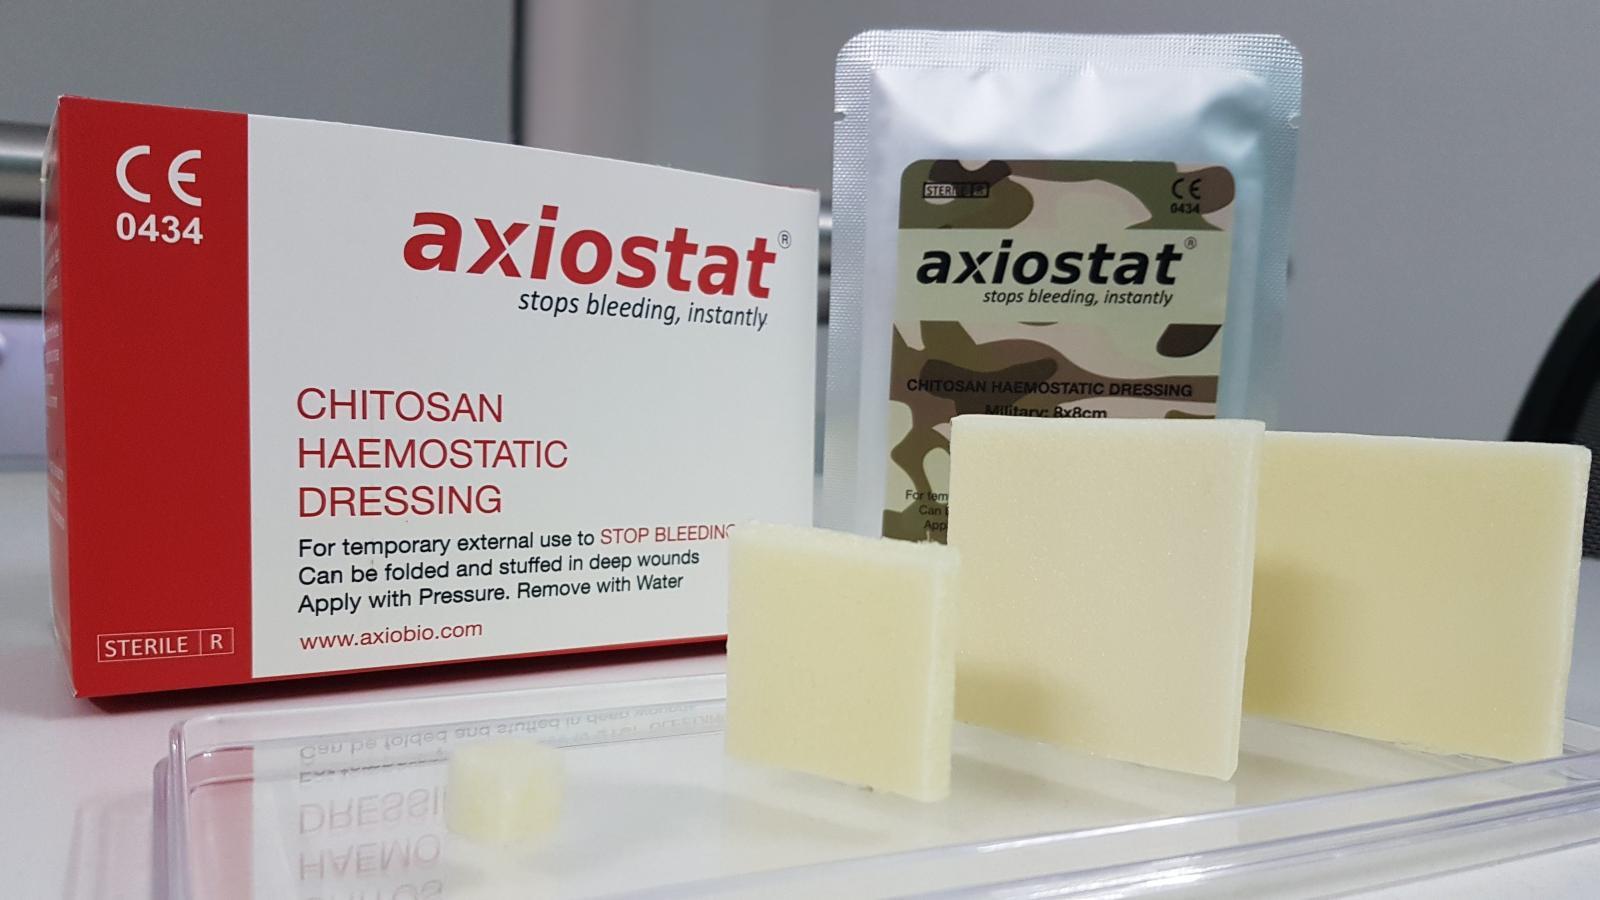 axiostat-e1499169668373.jpg